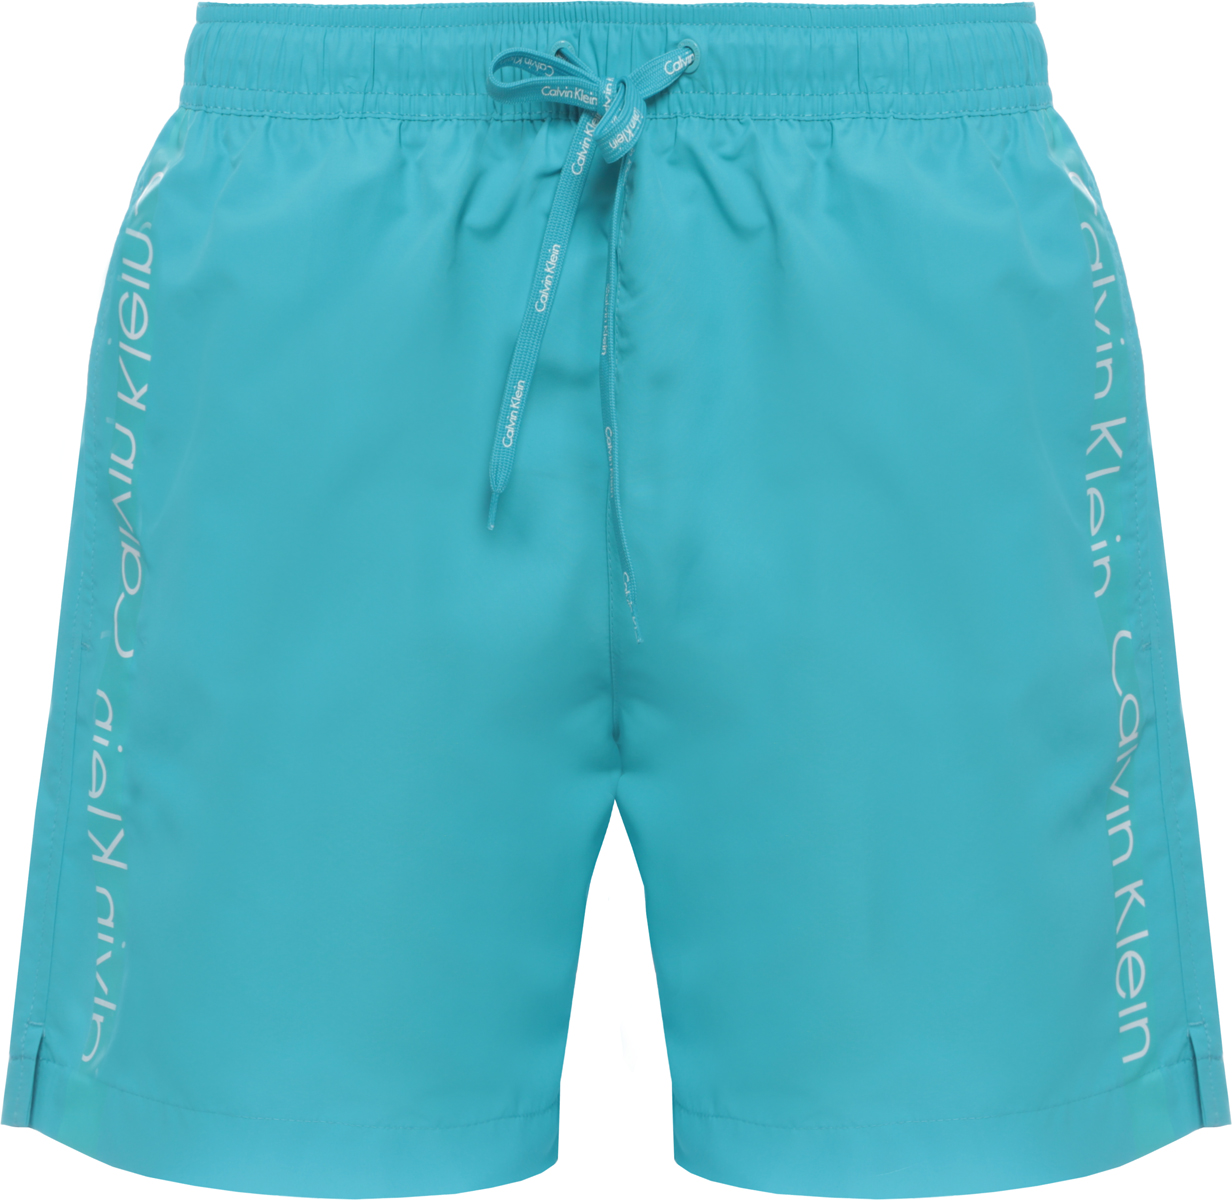 Шорты купальные мужские Calvin Klein Underwear, цвет: голубой. KM0KM00169. Размер L (50)KM0KM00169Шорты купальные мужские Calvin Klein Underwear выполнены из полиэстера. Модель дополнена затягивающимся шнурком.